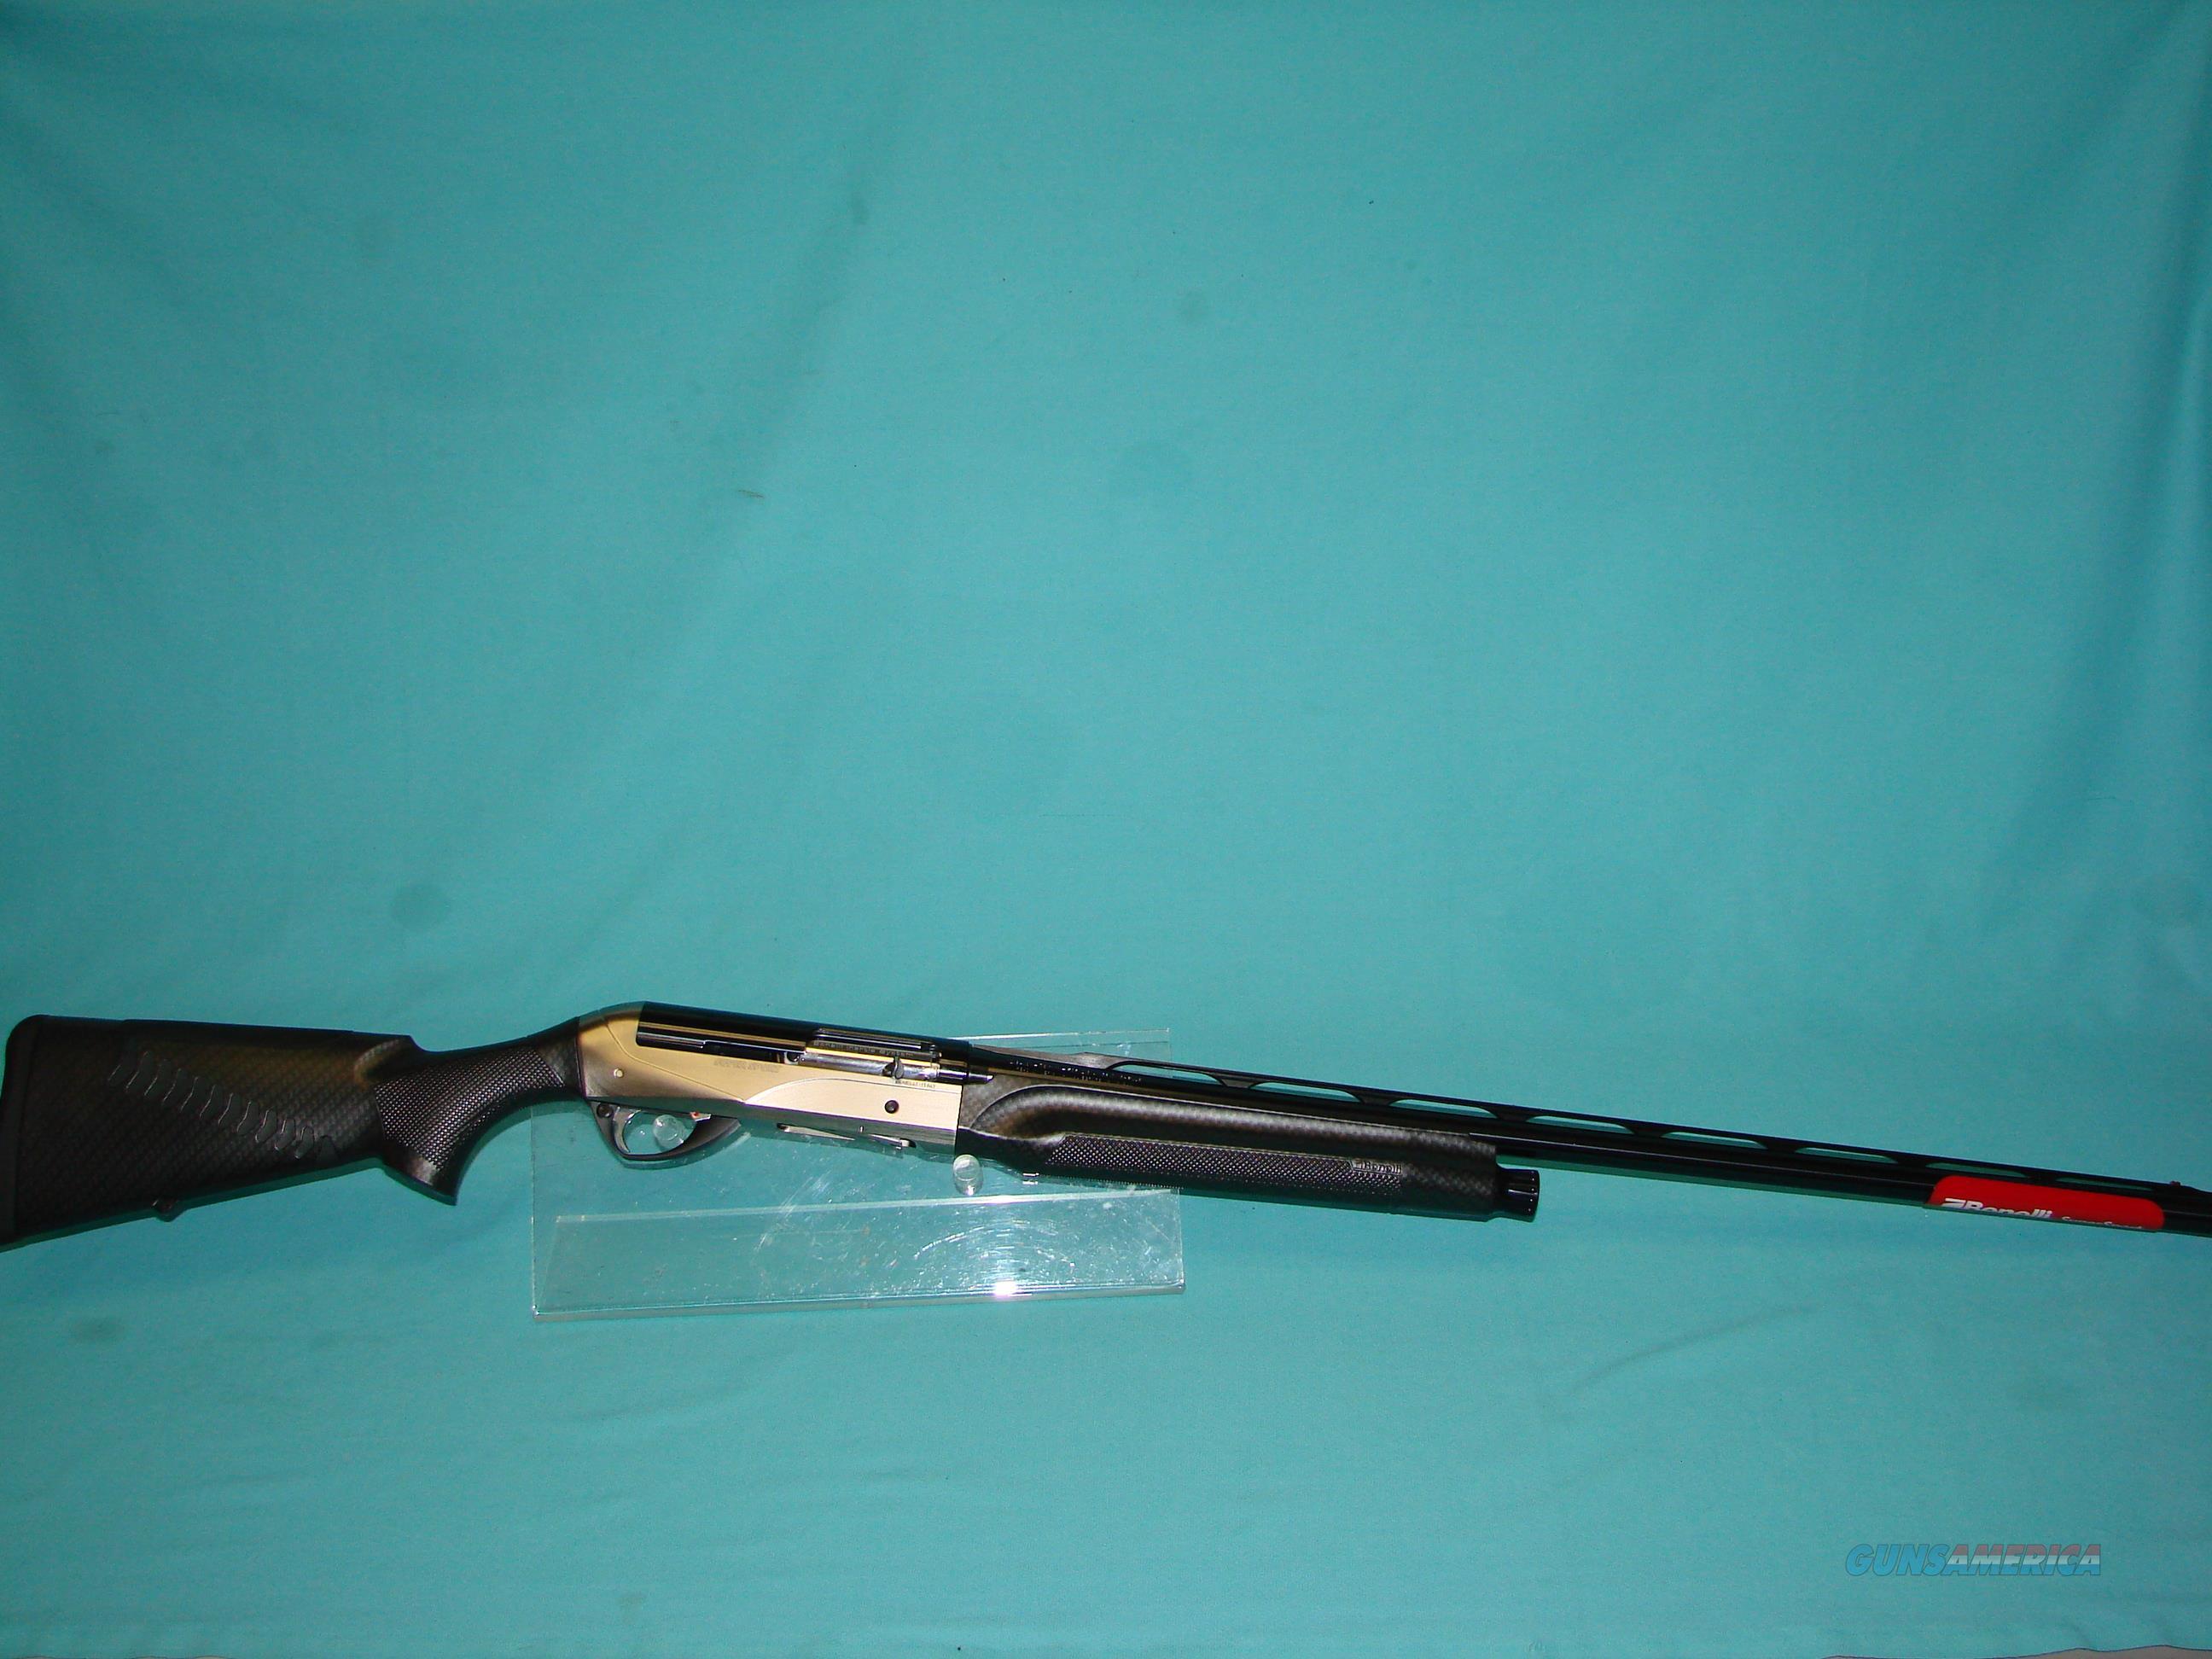 Benelli Super Sport  Guns > Shotguns > Benelli Shotguns > Sporting